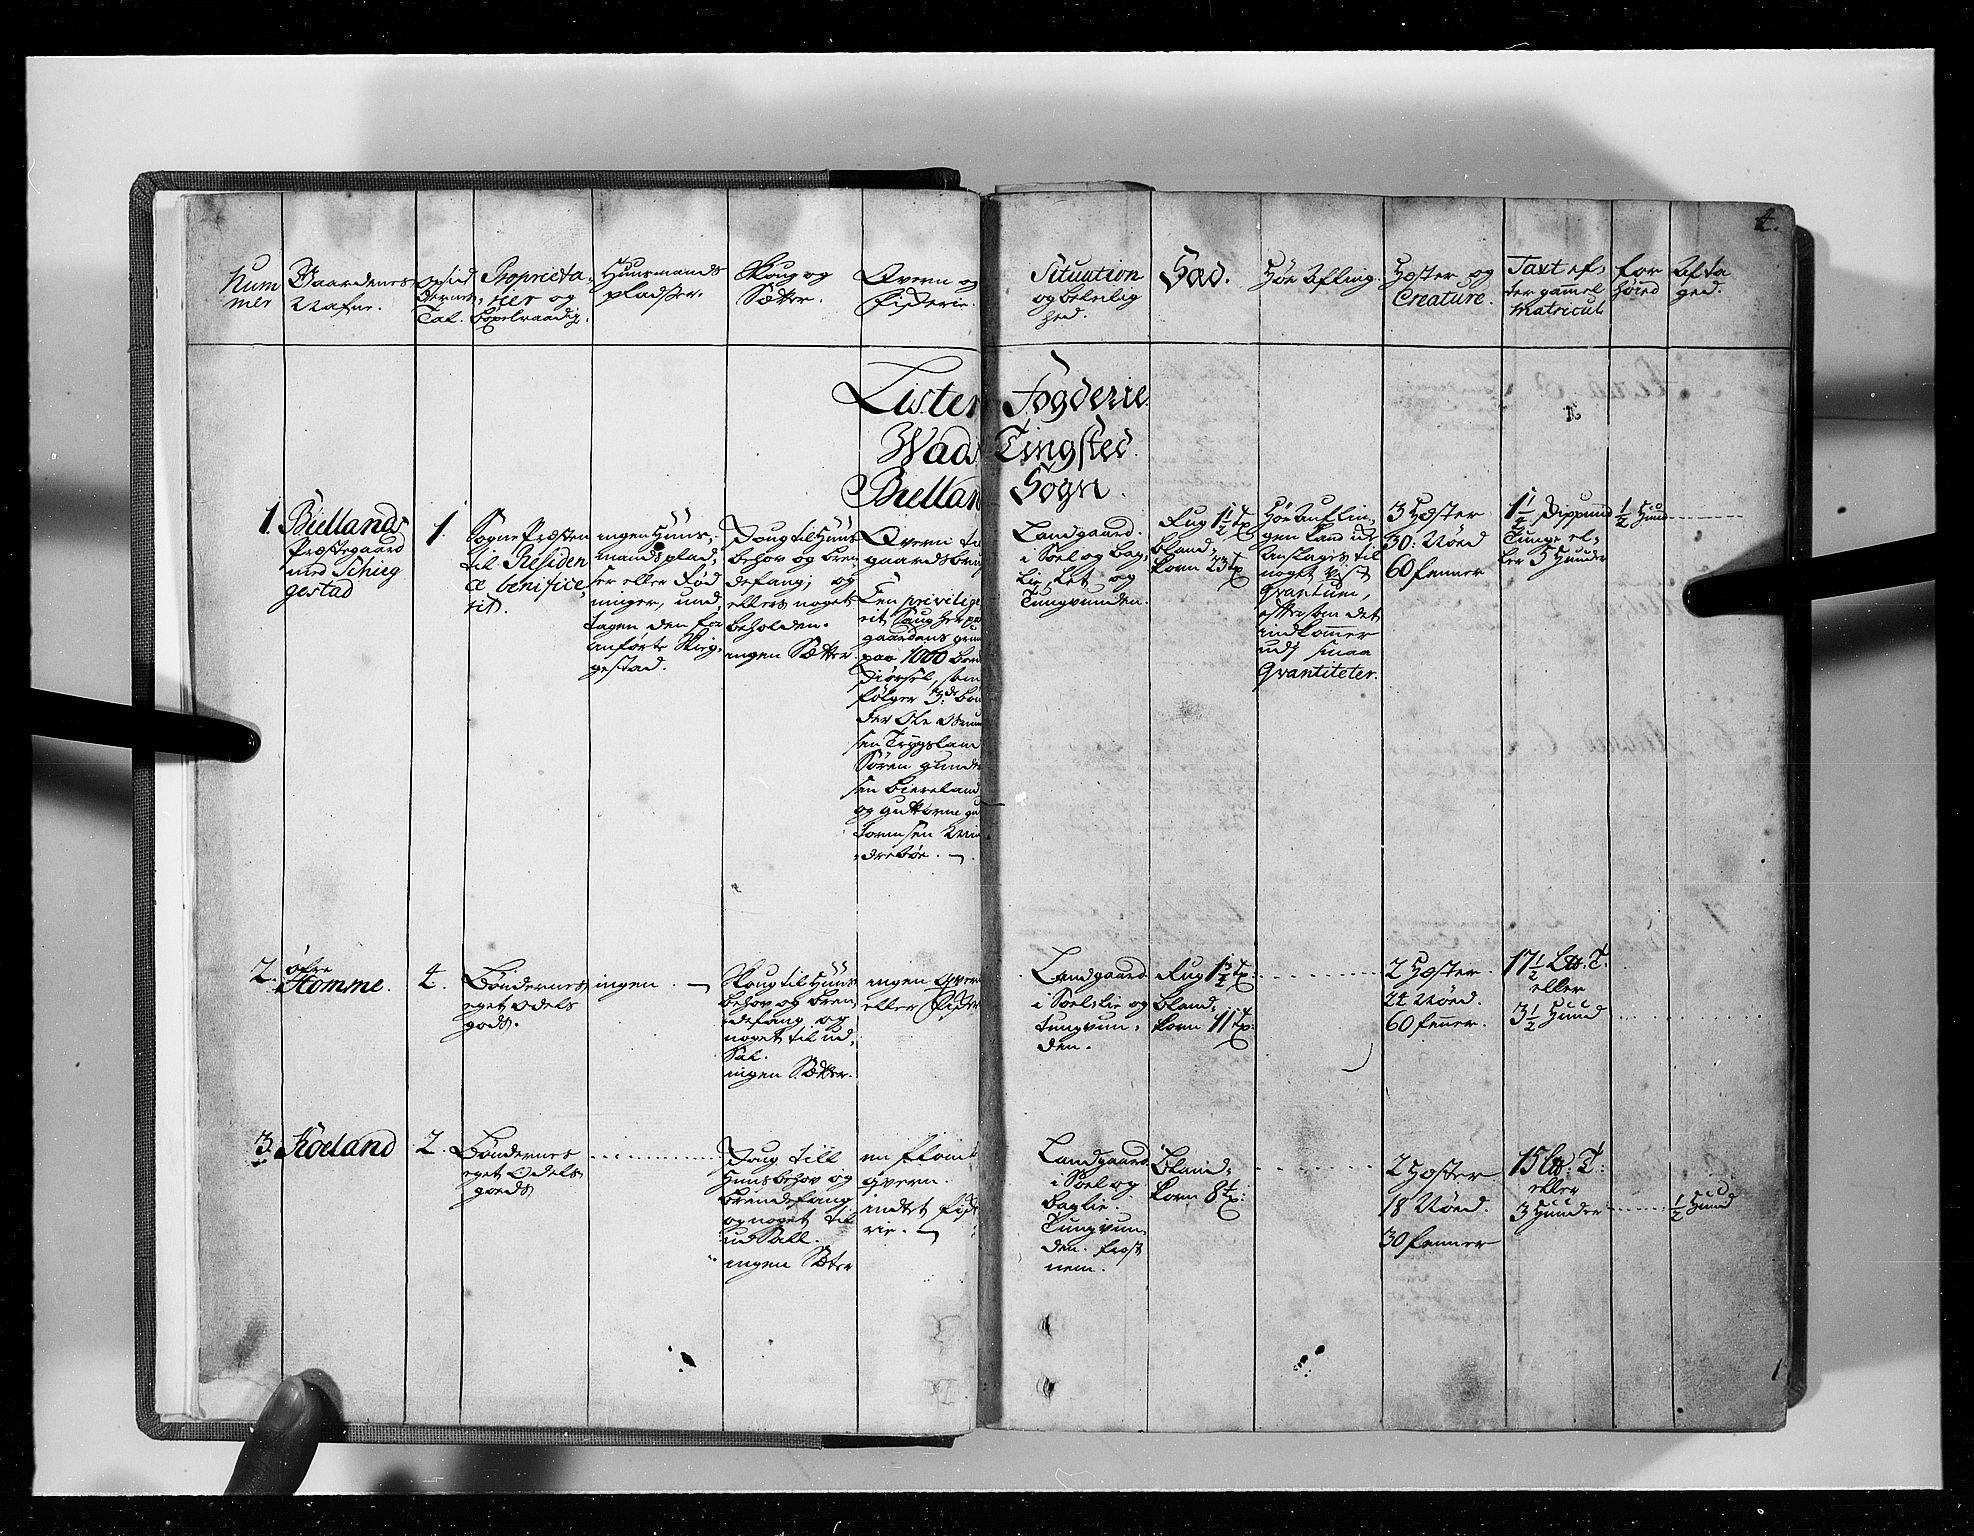 RA, Rentekammeret inntil 1814, Realistisk ordnet avdeling, N/Nb/Nbf/L0129: Lista eksaminasjonsprotokoll, 1723, s. 3b-4a